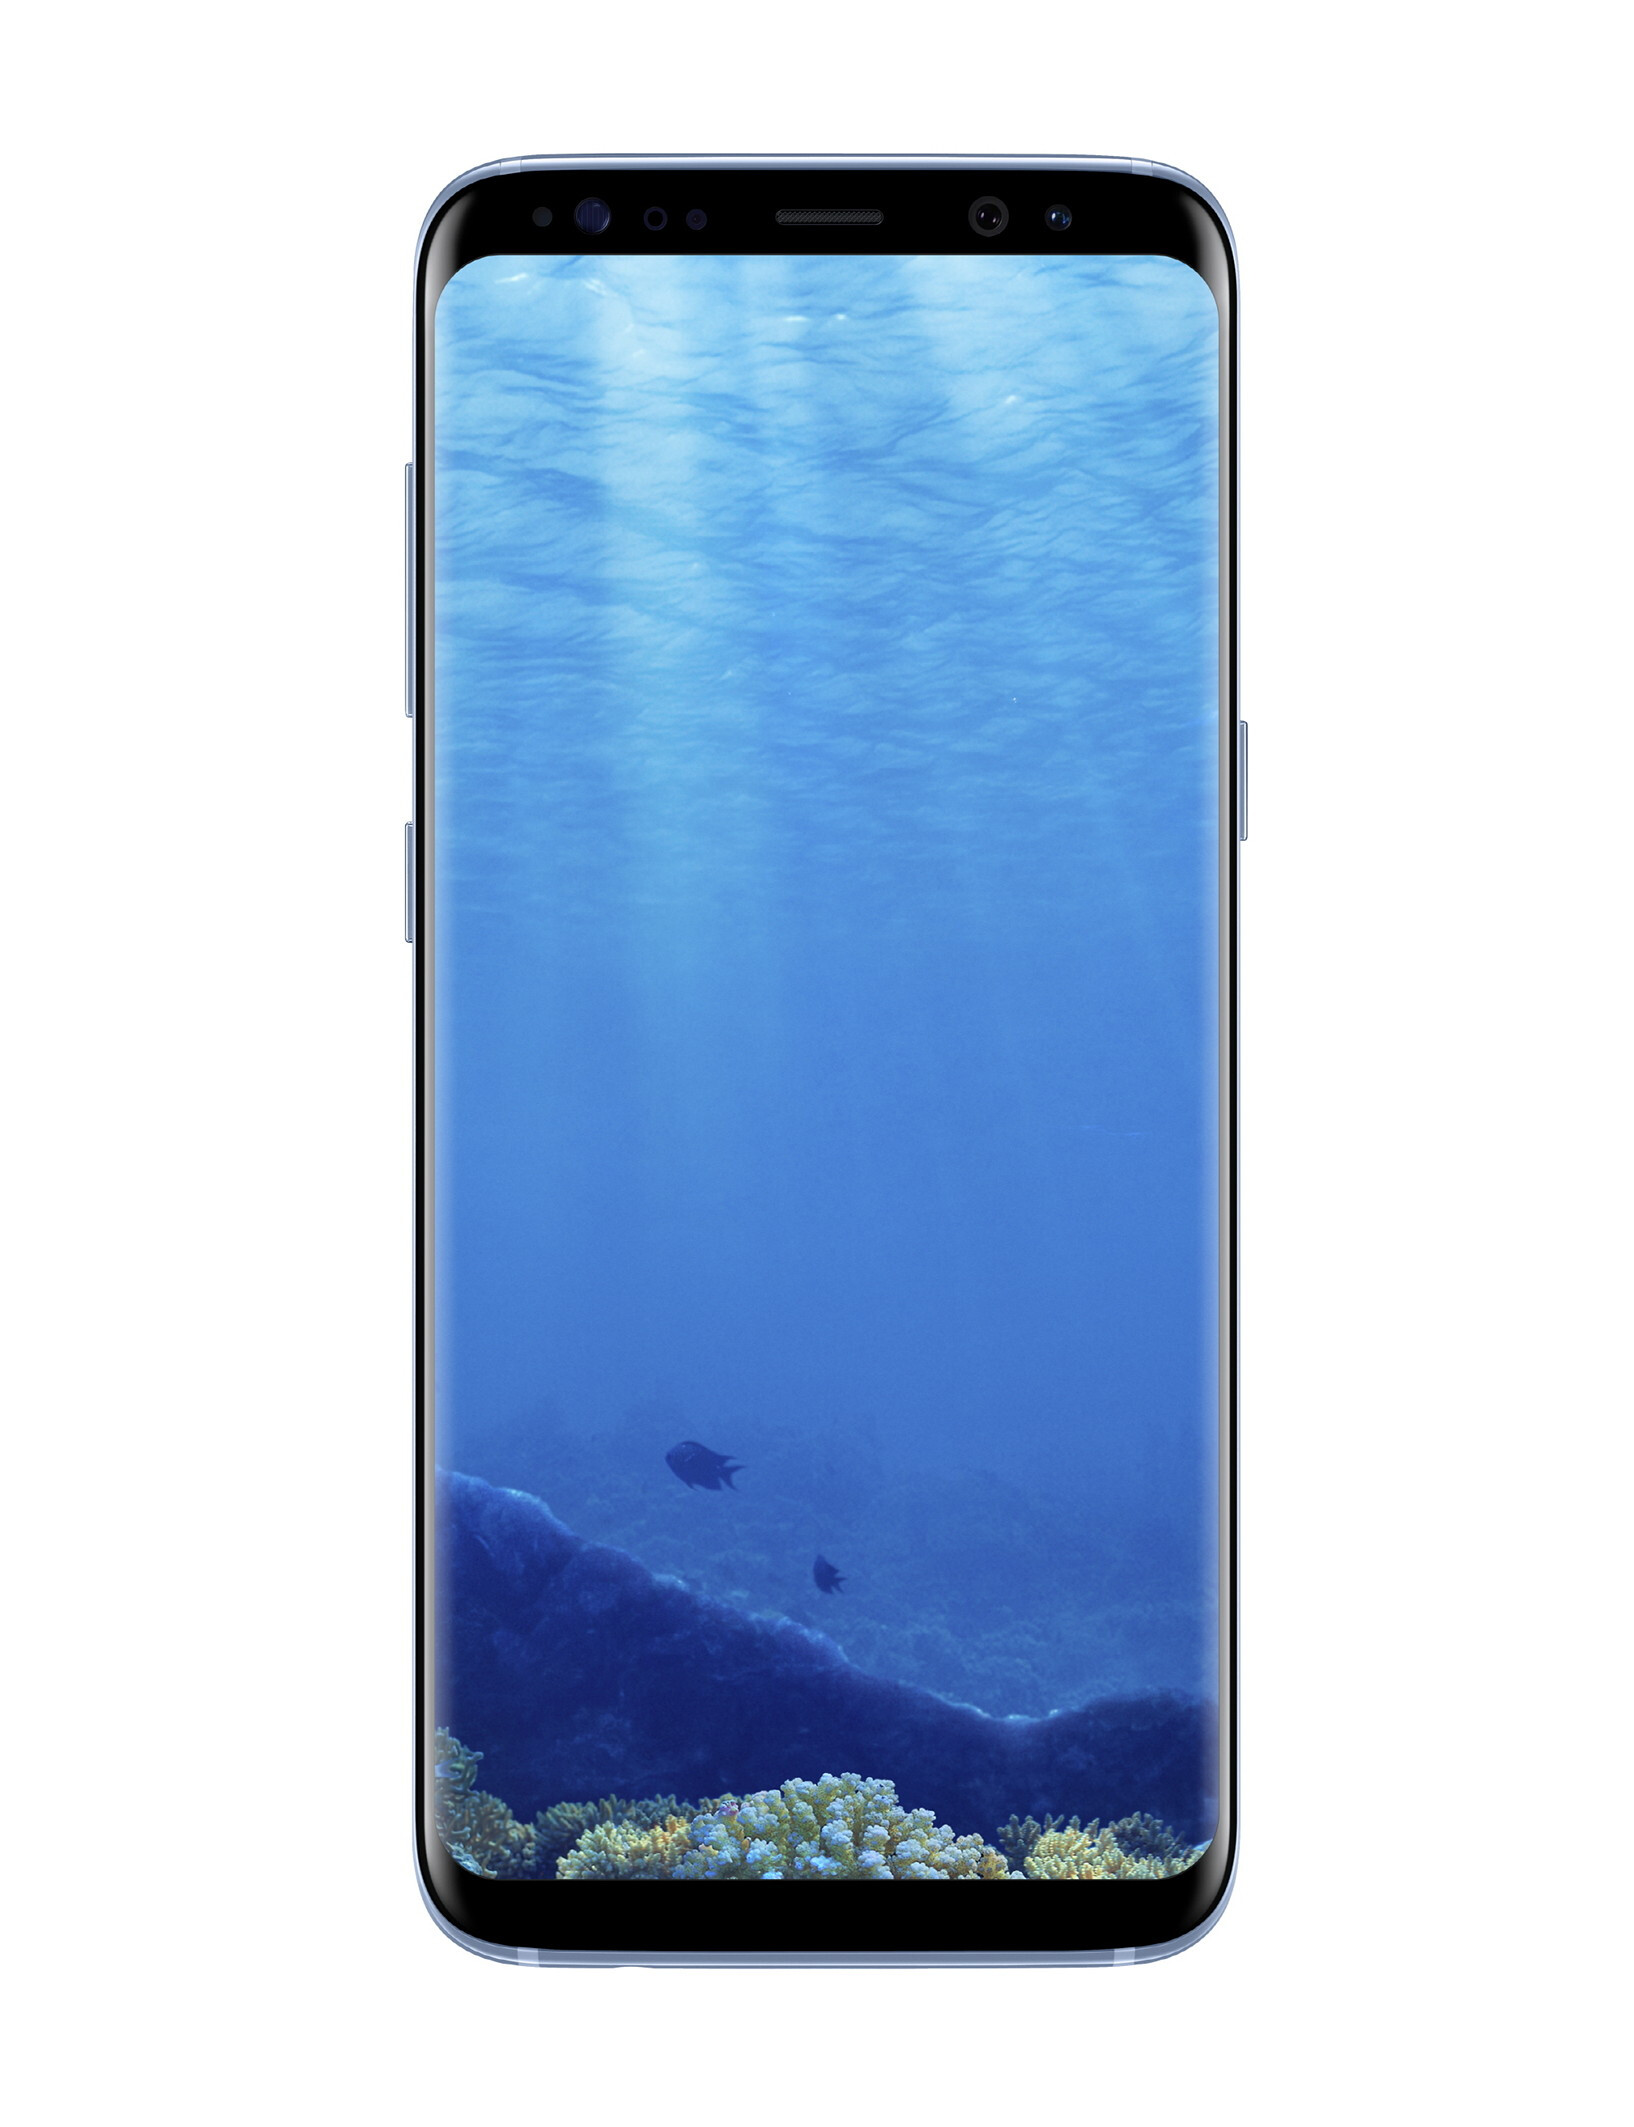 Samsung Galaxy S8 Featured in Best Smart Nokia Smart Phone Price